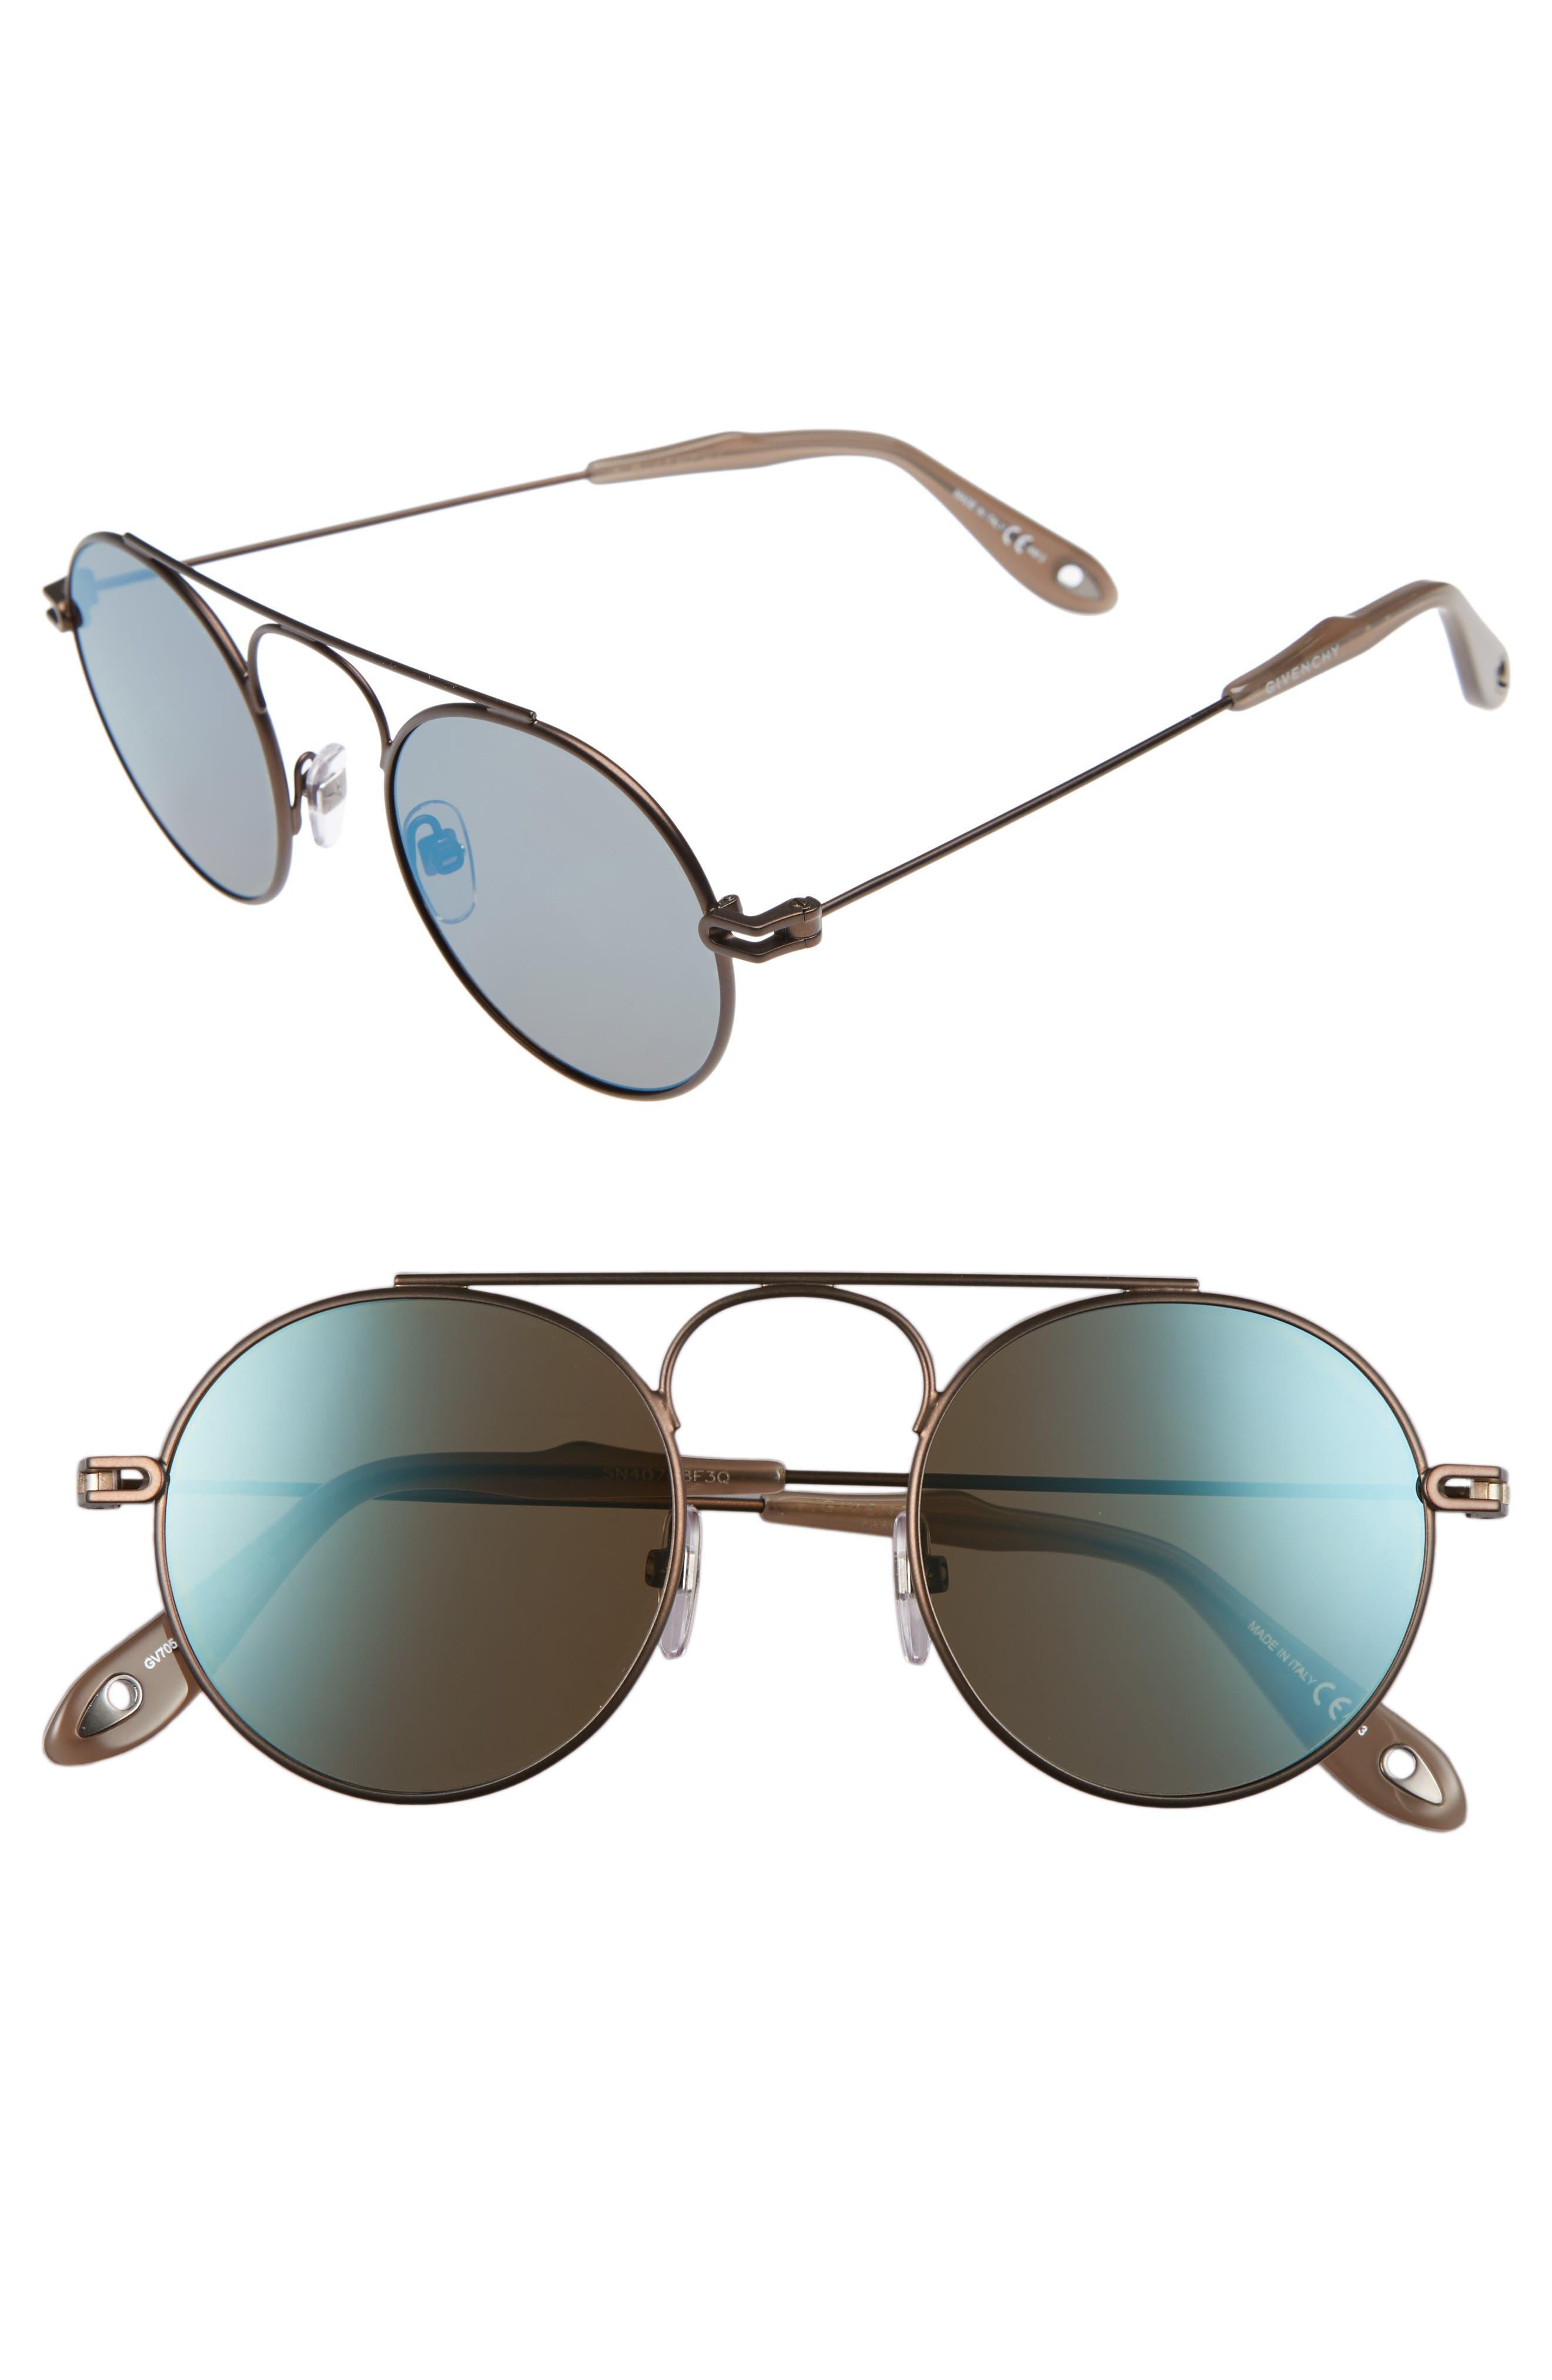 48mm Retro Sunglasses,                         Main,                         color, Brown